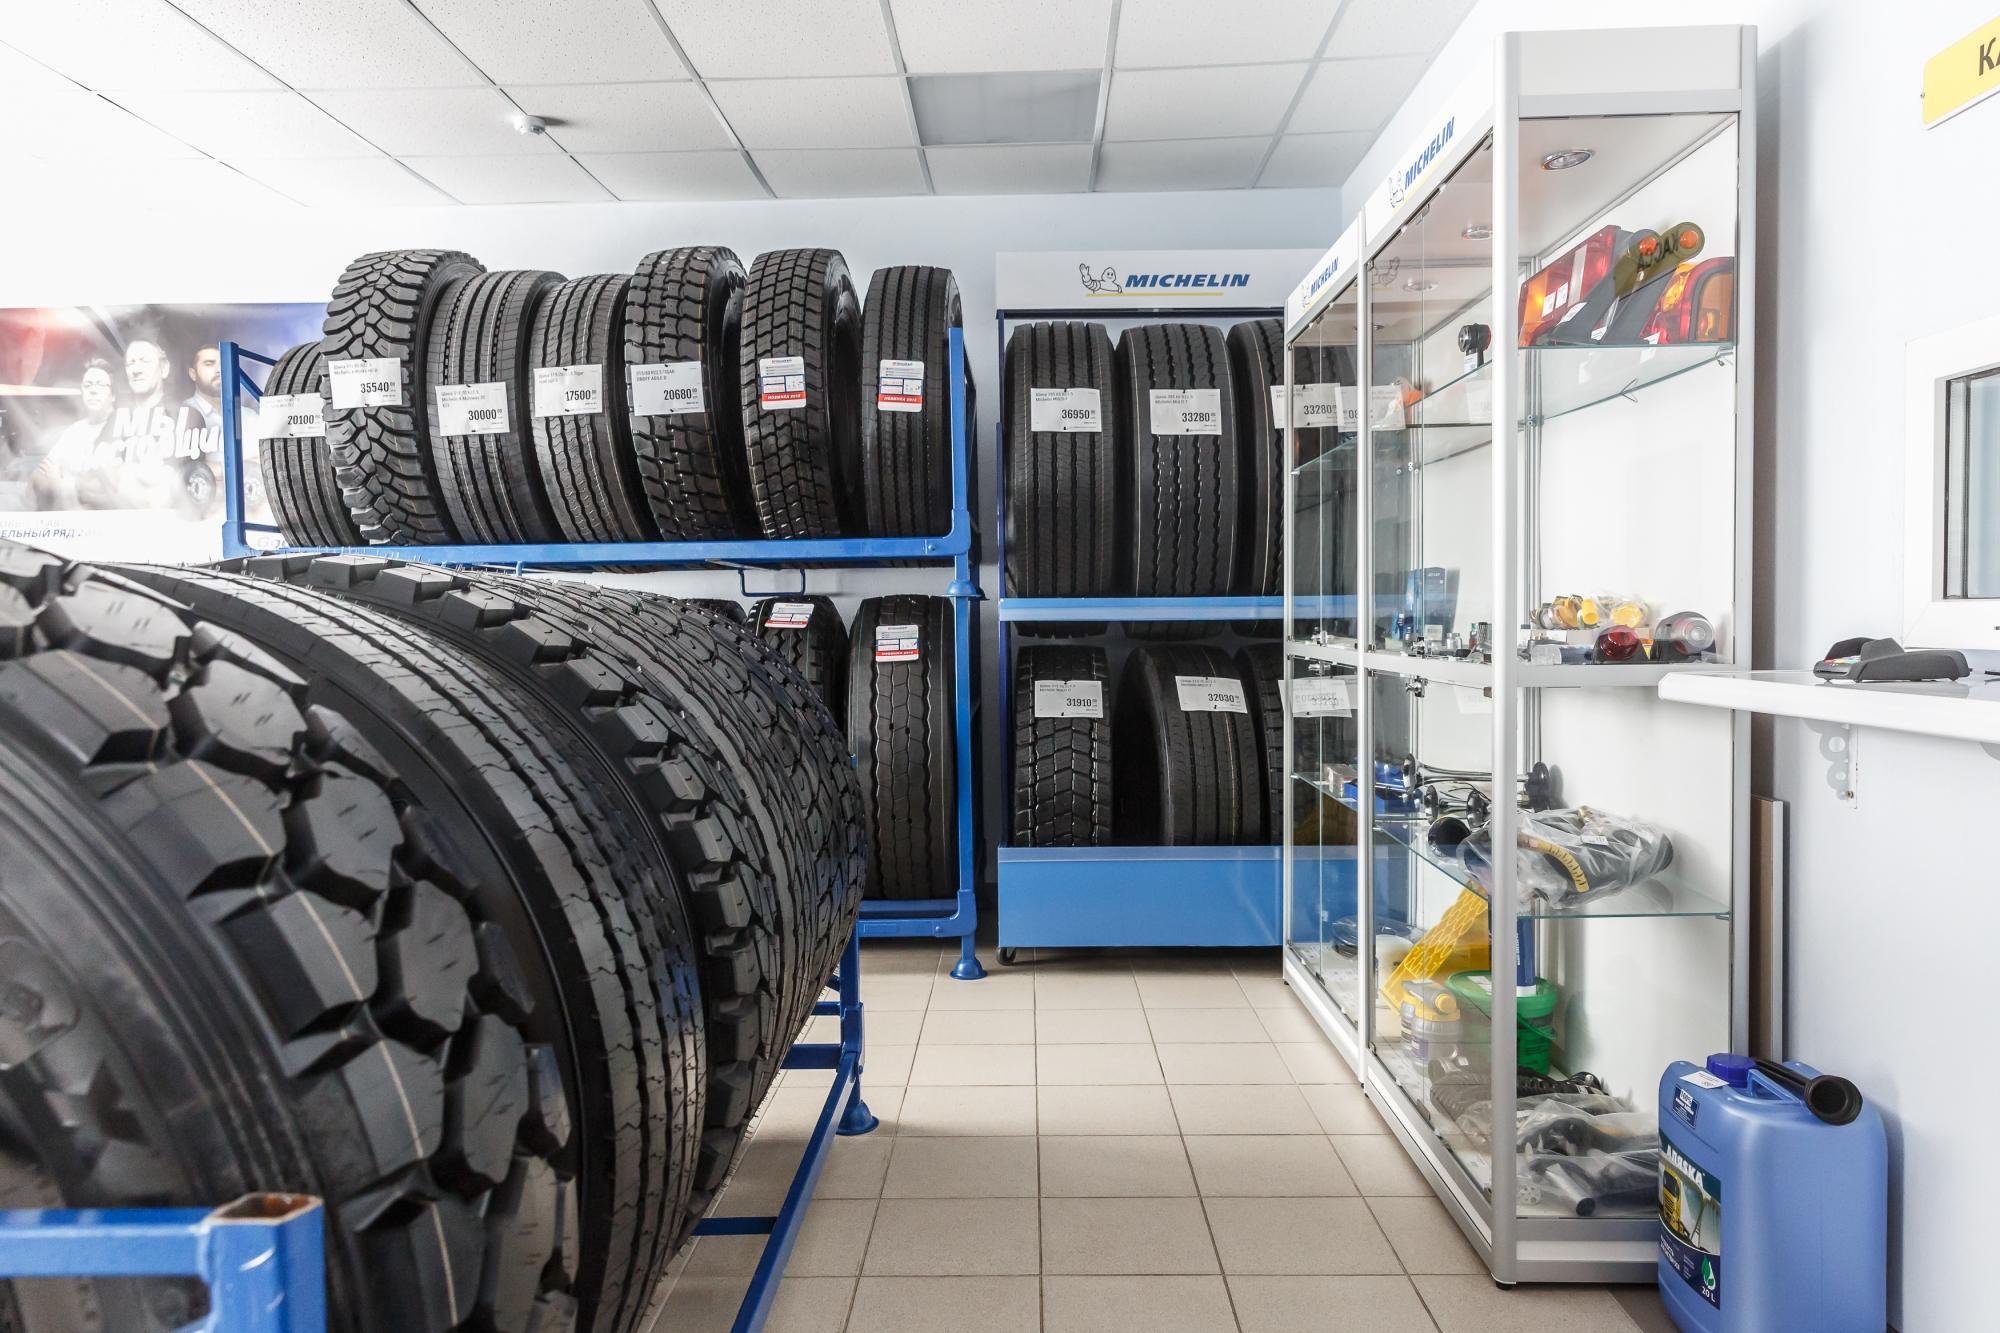 Мишлен развивает сеть грузовых шинных центров в Восточно-Европейском регионе